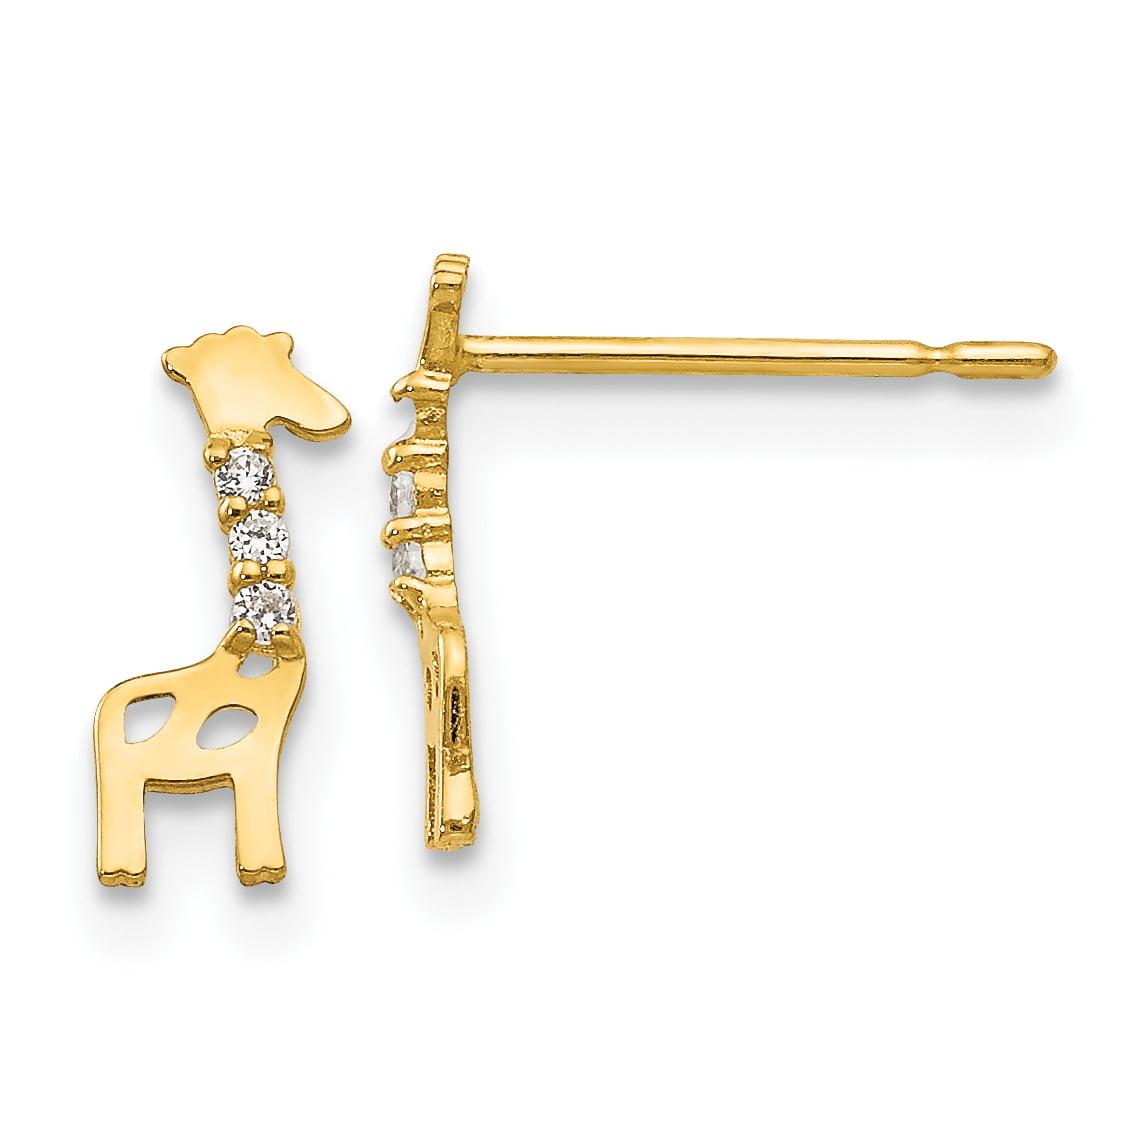 14k Madi K CZ Children's Giraffe Post Earrings GK821 - image 2 de 2